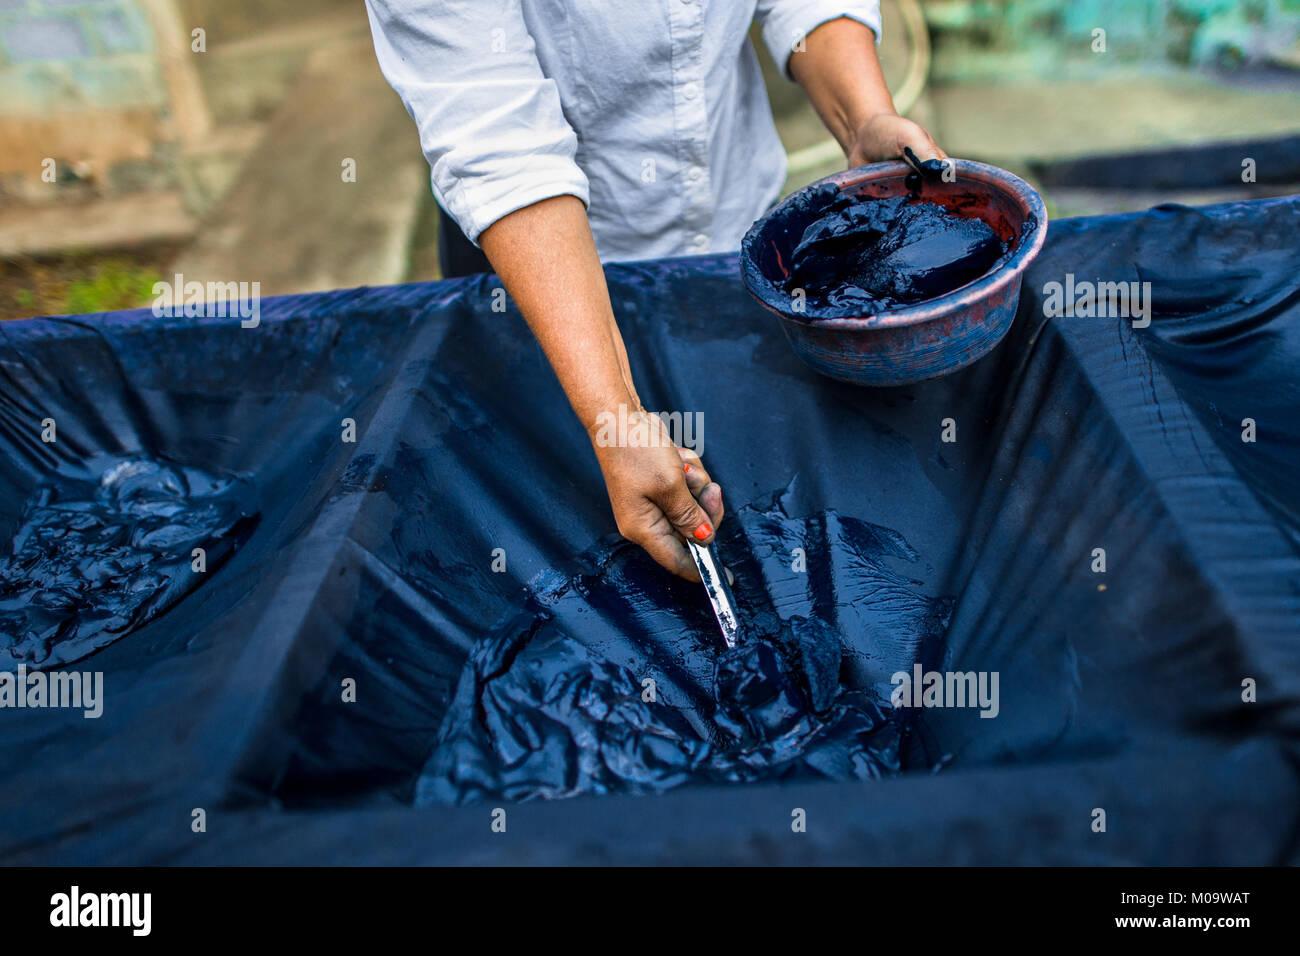 Un trabajador agrícola salvadoreña recoge indigo pegar procesada en la fabricación de semi-industrial Imagen De Stock